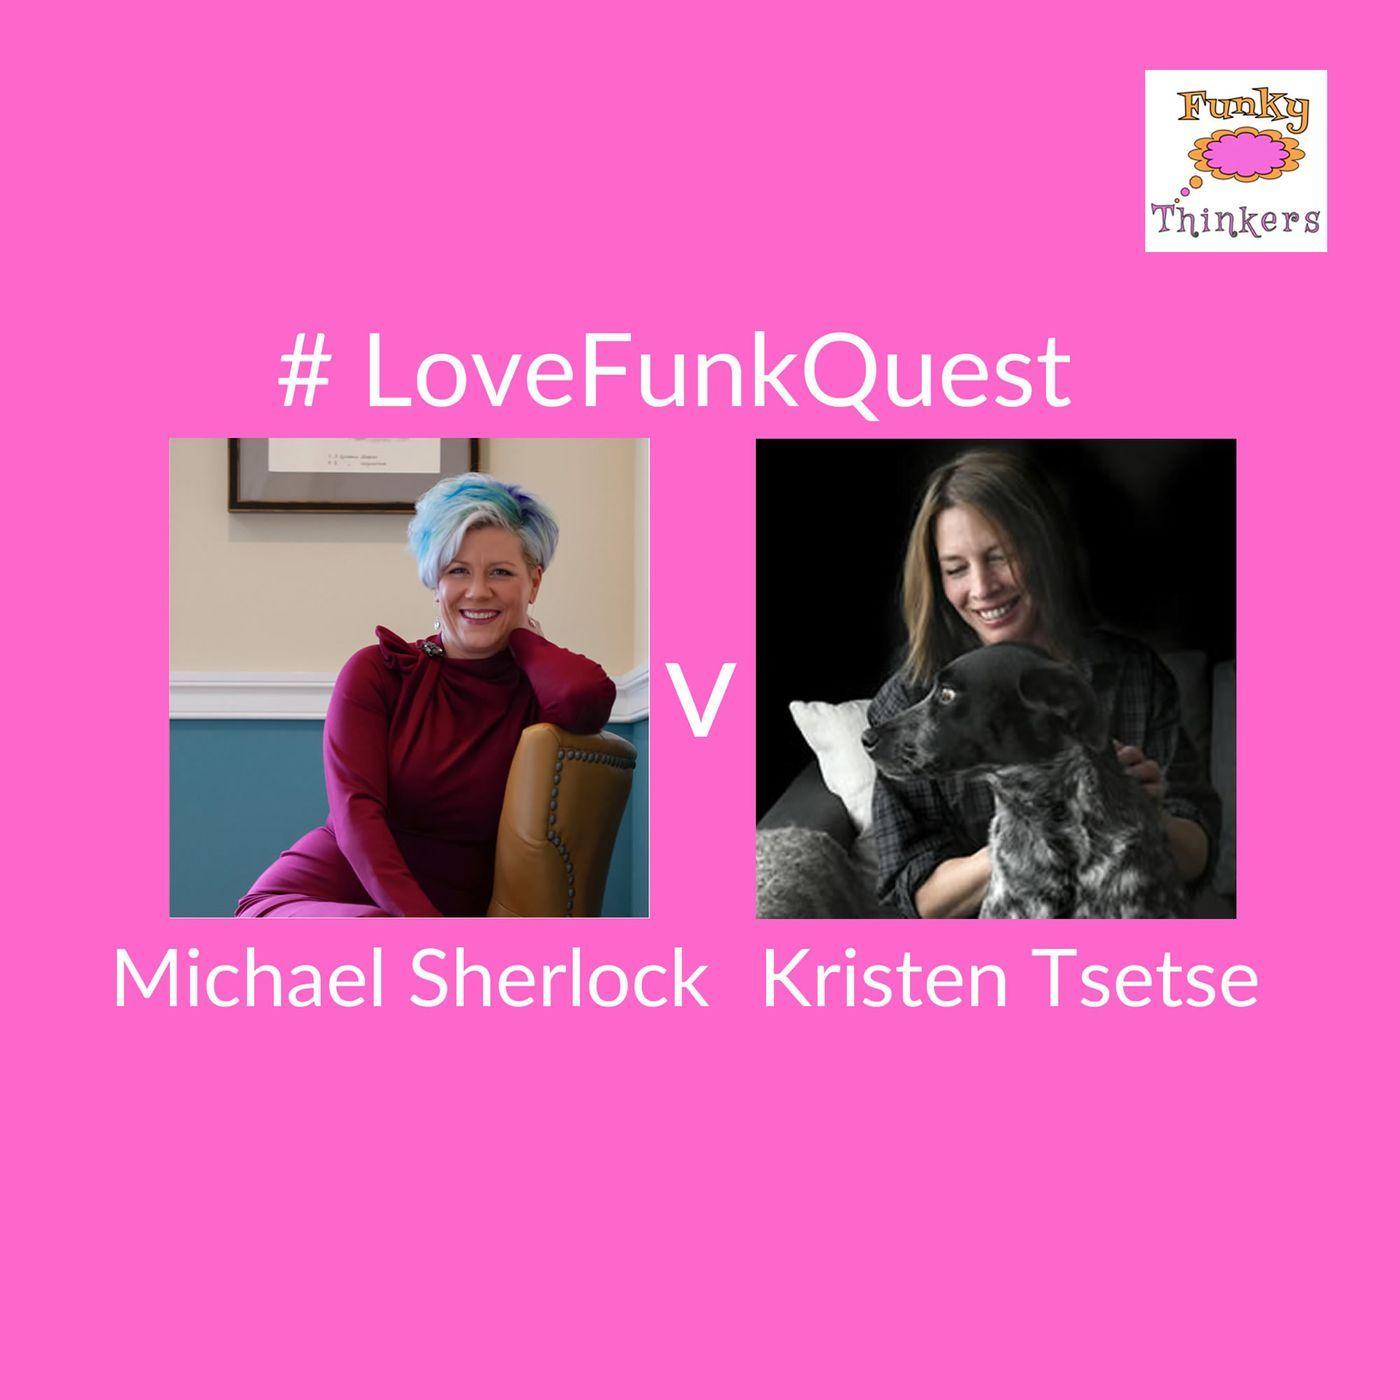 Michael v Kristen FunkQuest - season 1 playoffs - 1st round